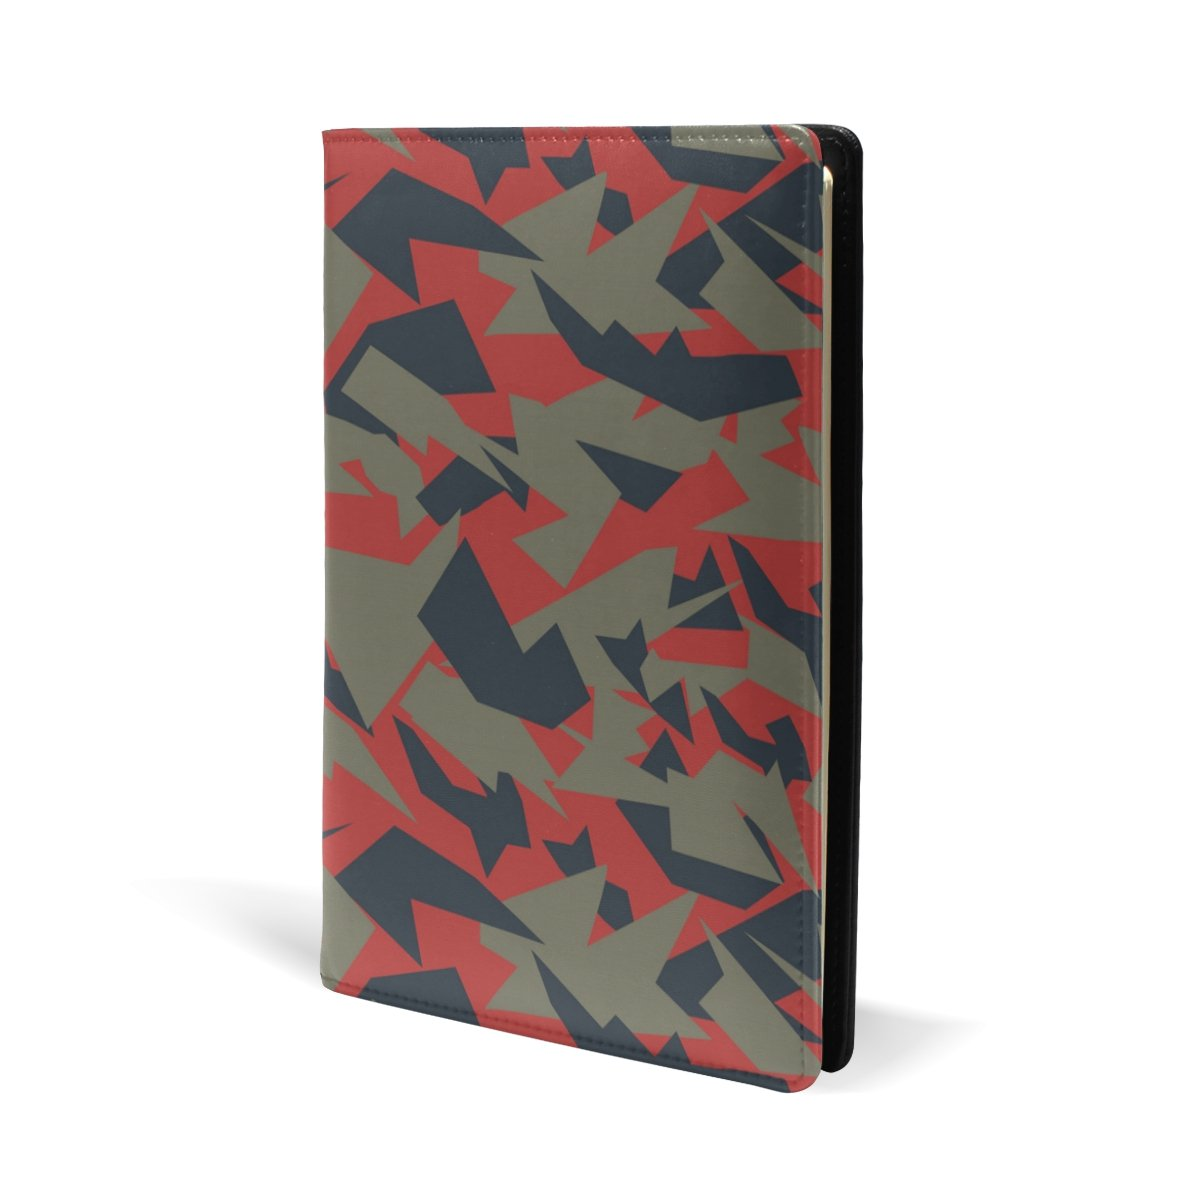 Coosun Textures militaire de camouflage Cuir Couverture de livre livre Sox la plupart des manuels scolaires /à couverture rigide 14,7/x 22,1/cm